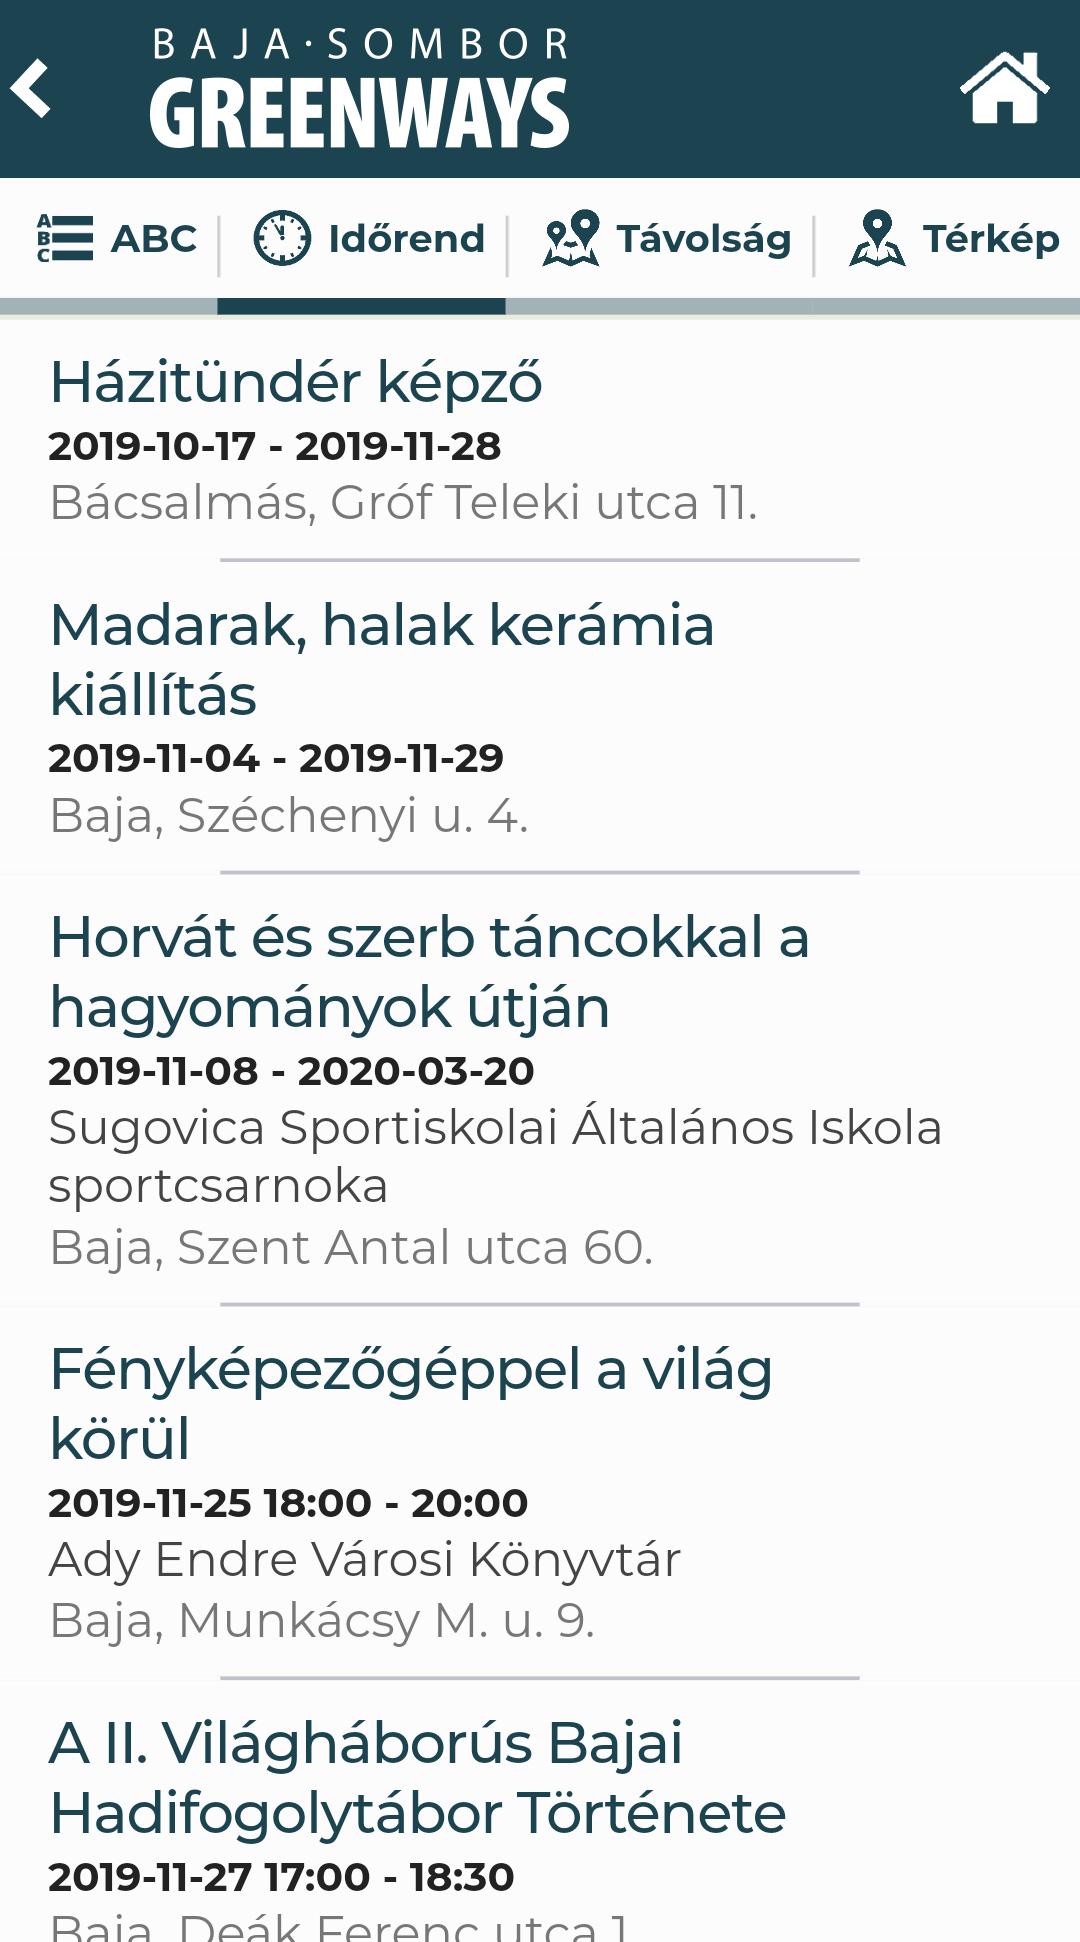 bsg_screens_esemenyek